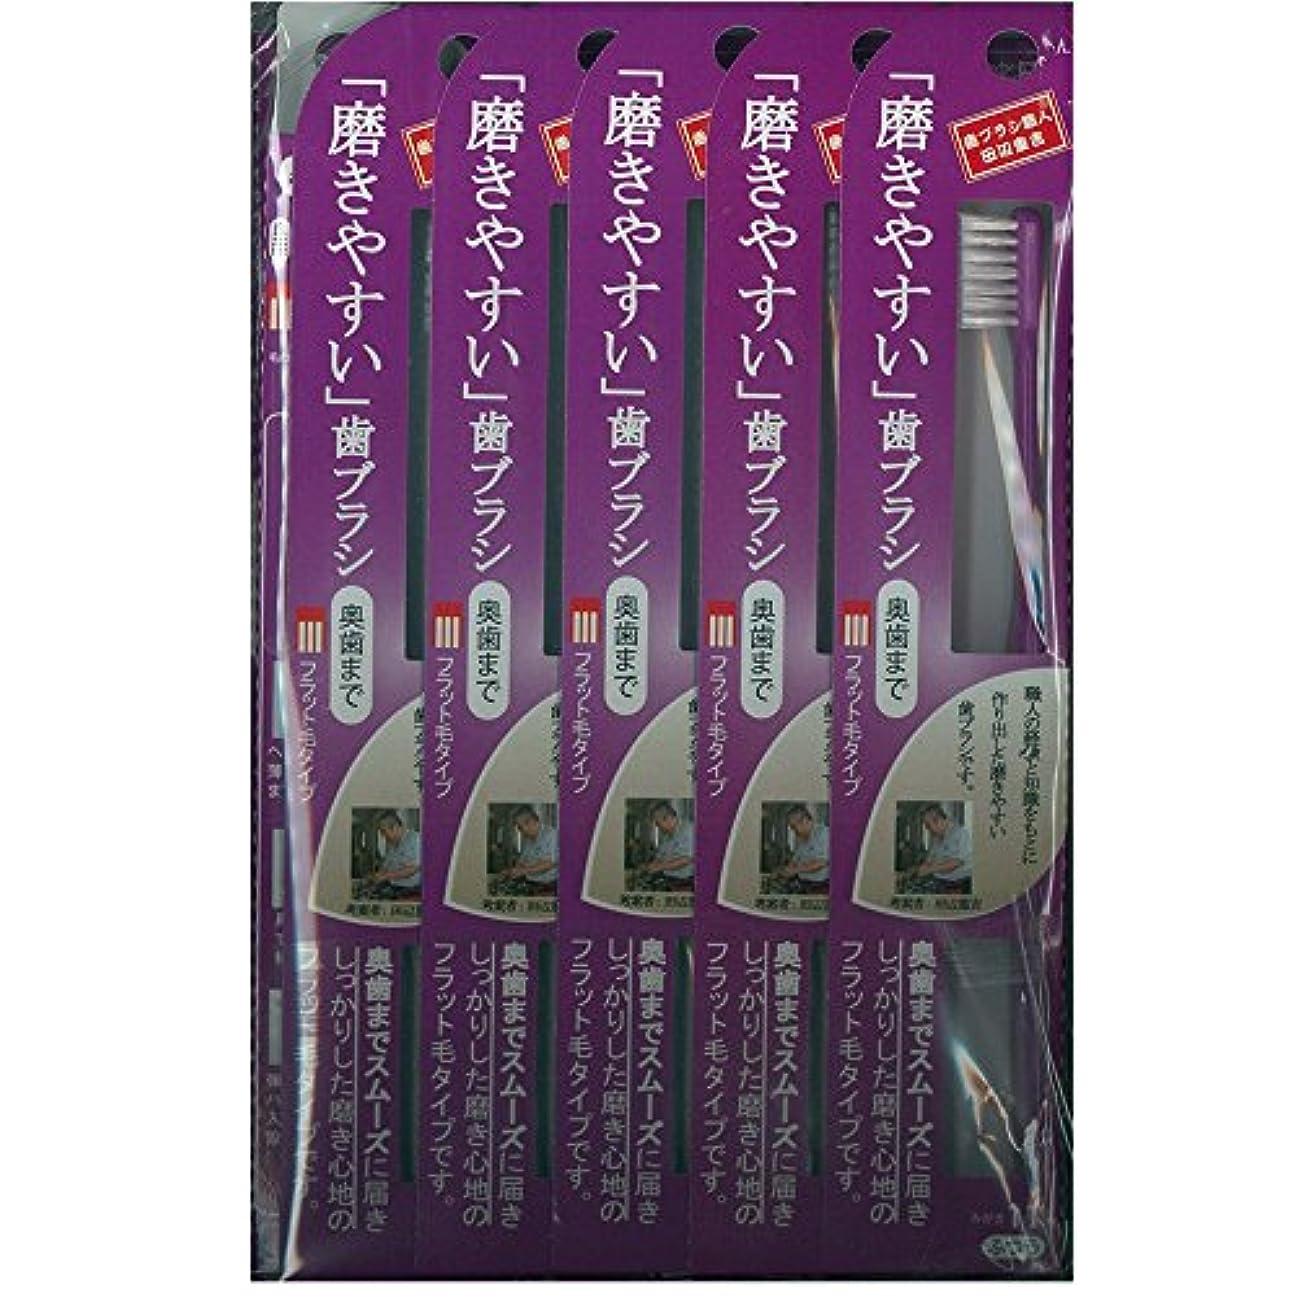 軍艦リングバックスペシャリスト磨きやすい歯ブラシ(奥歯まで)フラット LT-11×12本セット( ピンク×4本、ブルー×4本、グリーン×2本、パープル×2本)